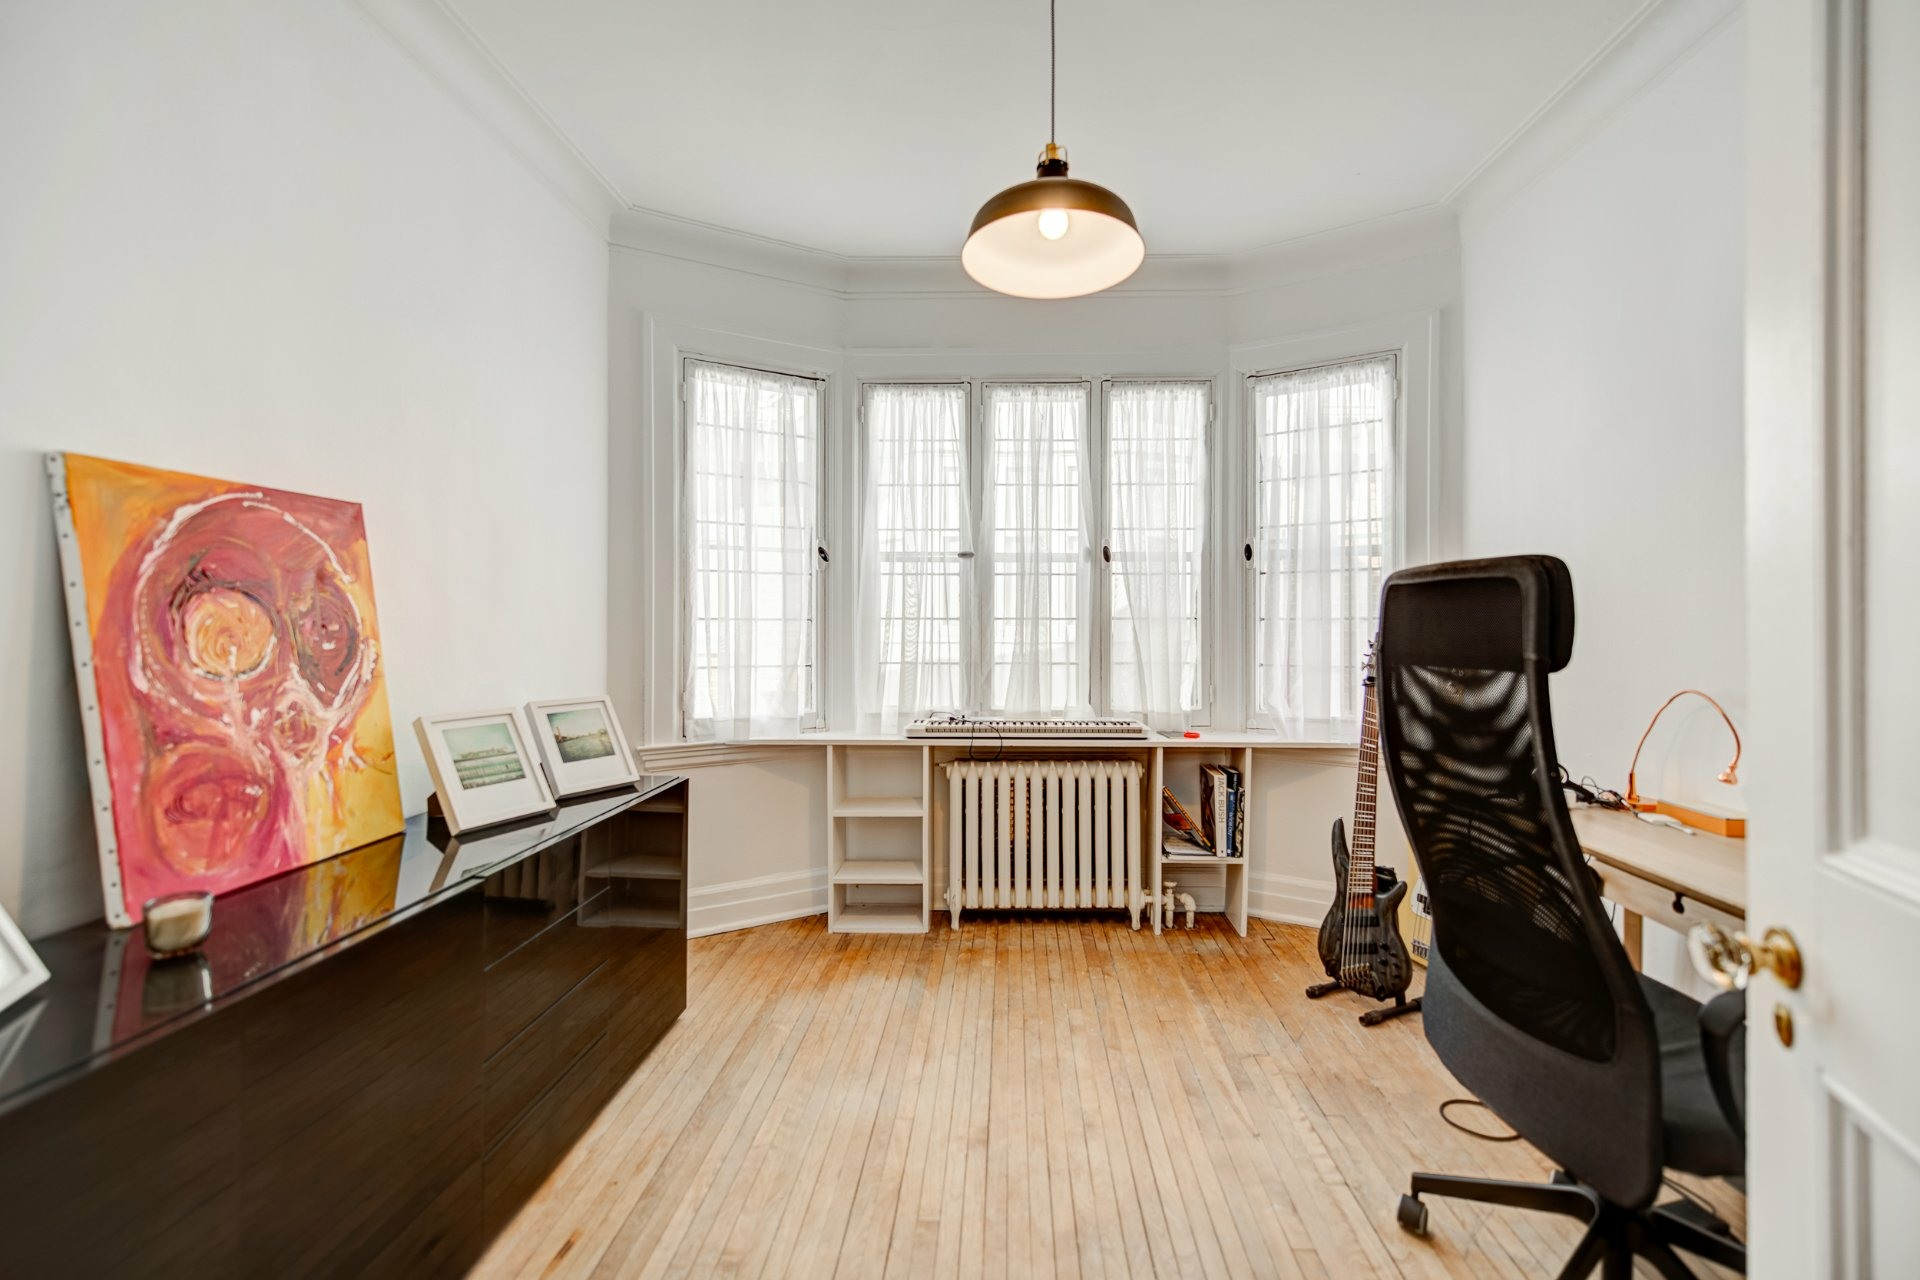 image 25 - House For sale Côte-des-Neiges/Notre-Dame-de-Grâce Montréal  - 10 rooms